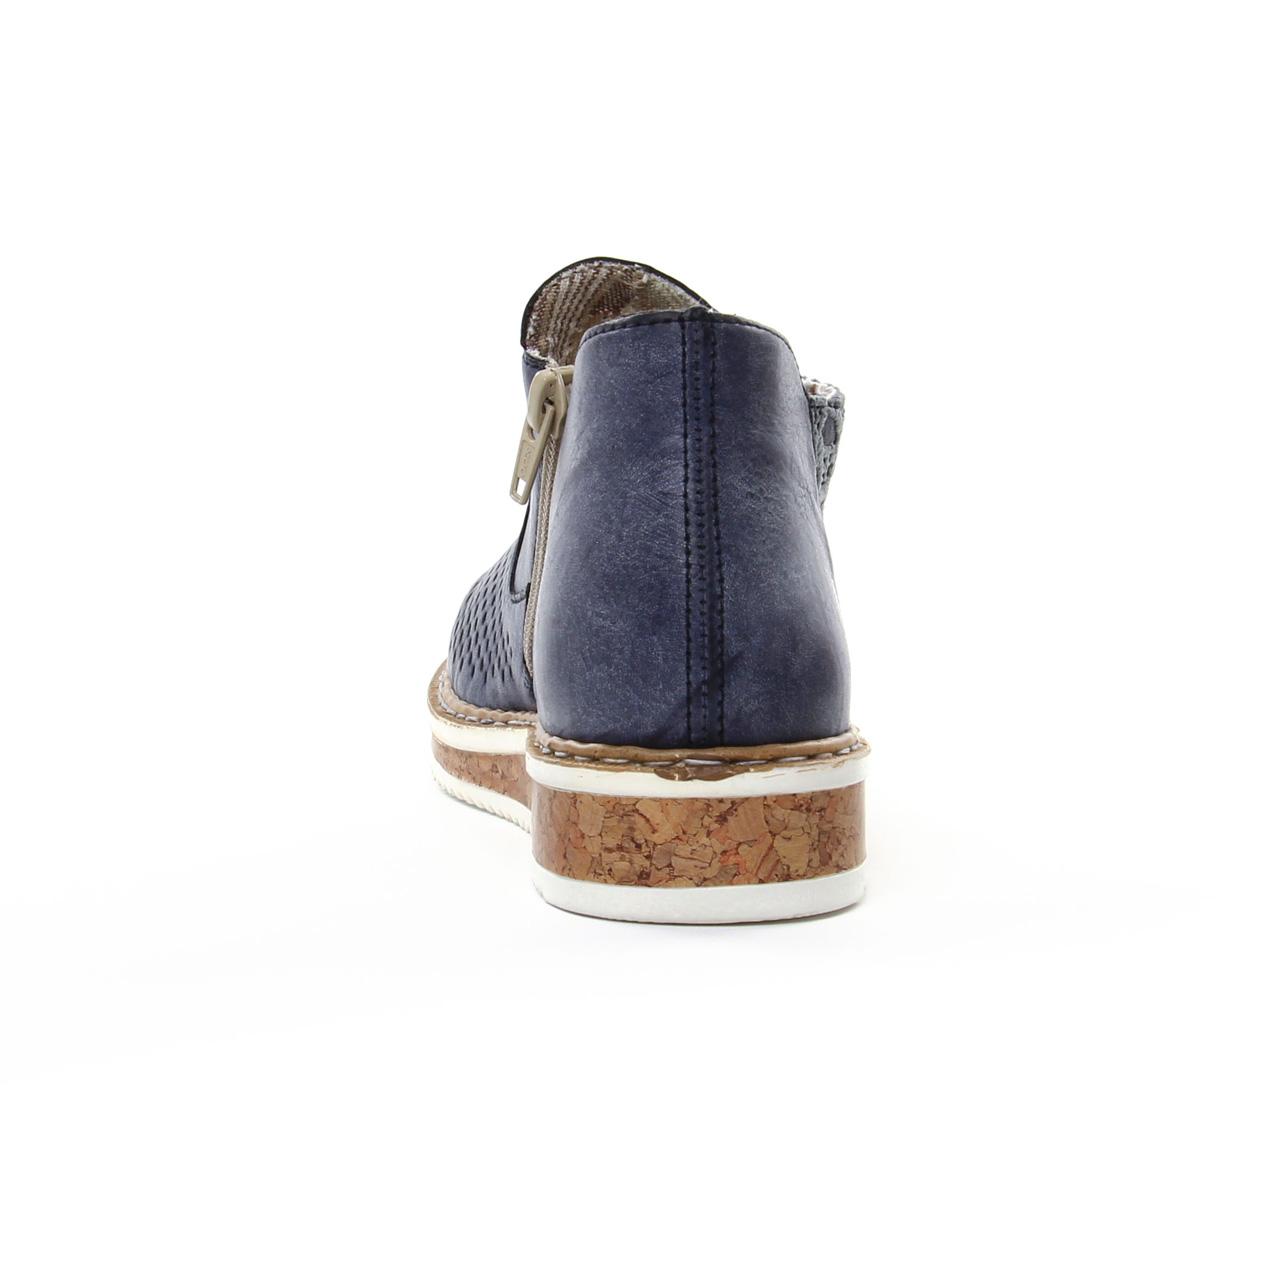 Été N0356 Rieker Boots Bleu Printemps Trois JeansLow Marine Chez c3A4j5RLq